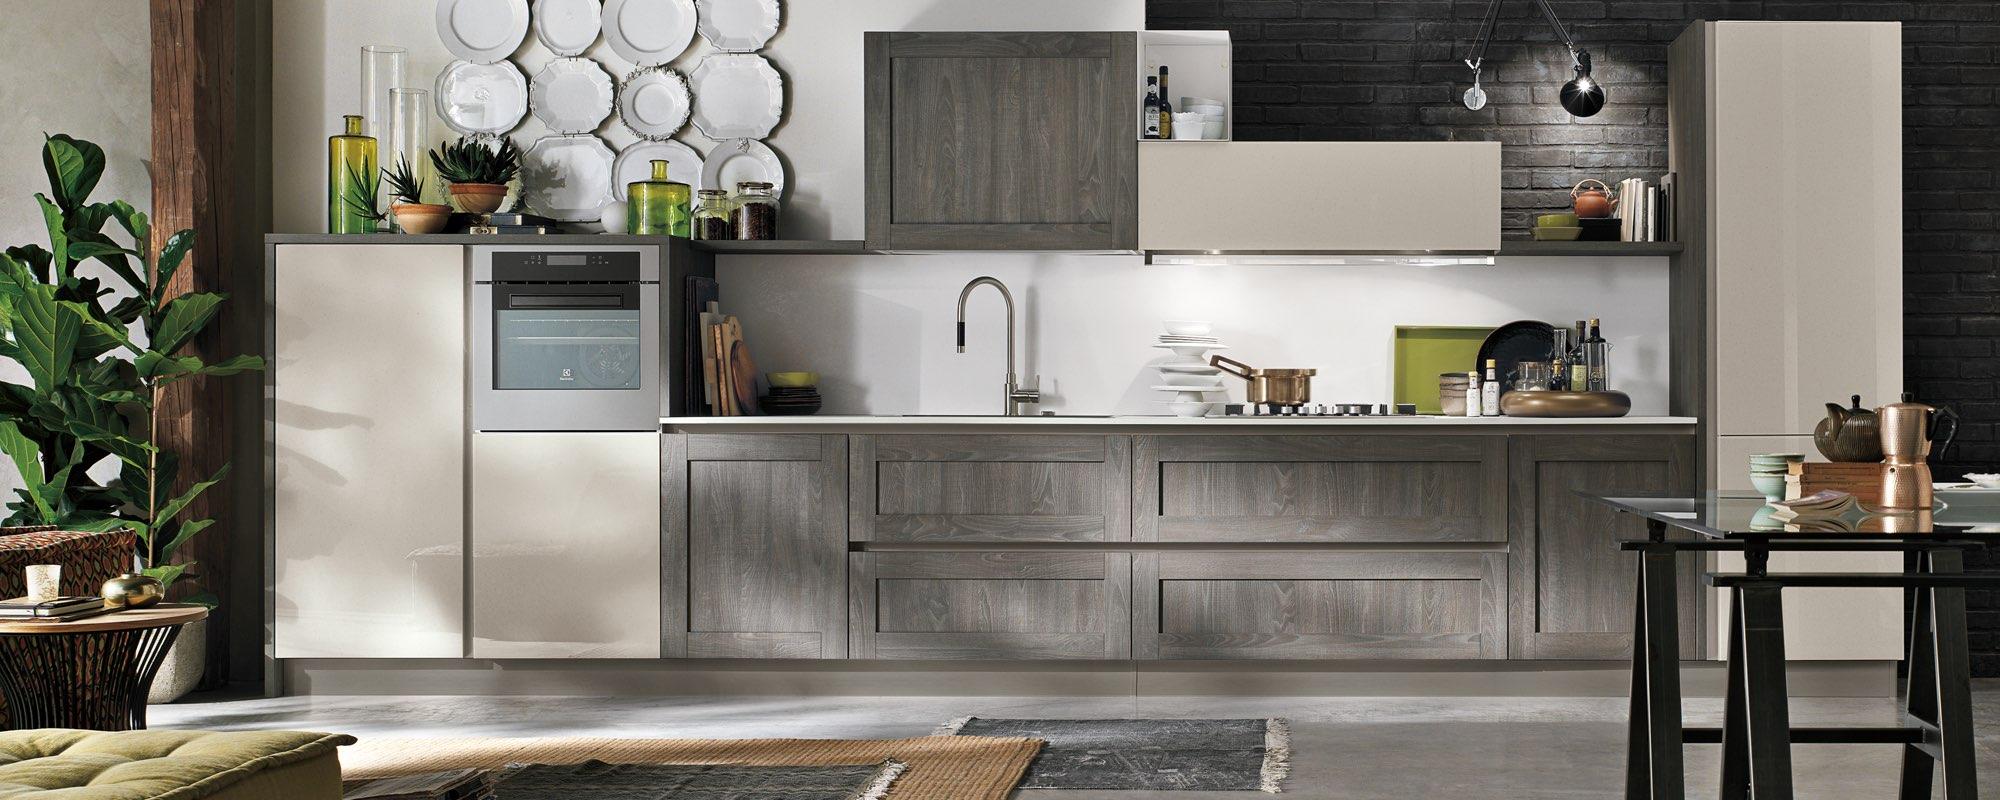 cucina con arredamento color grigio vetro opaco